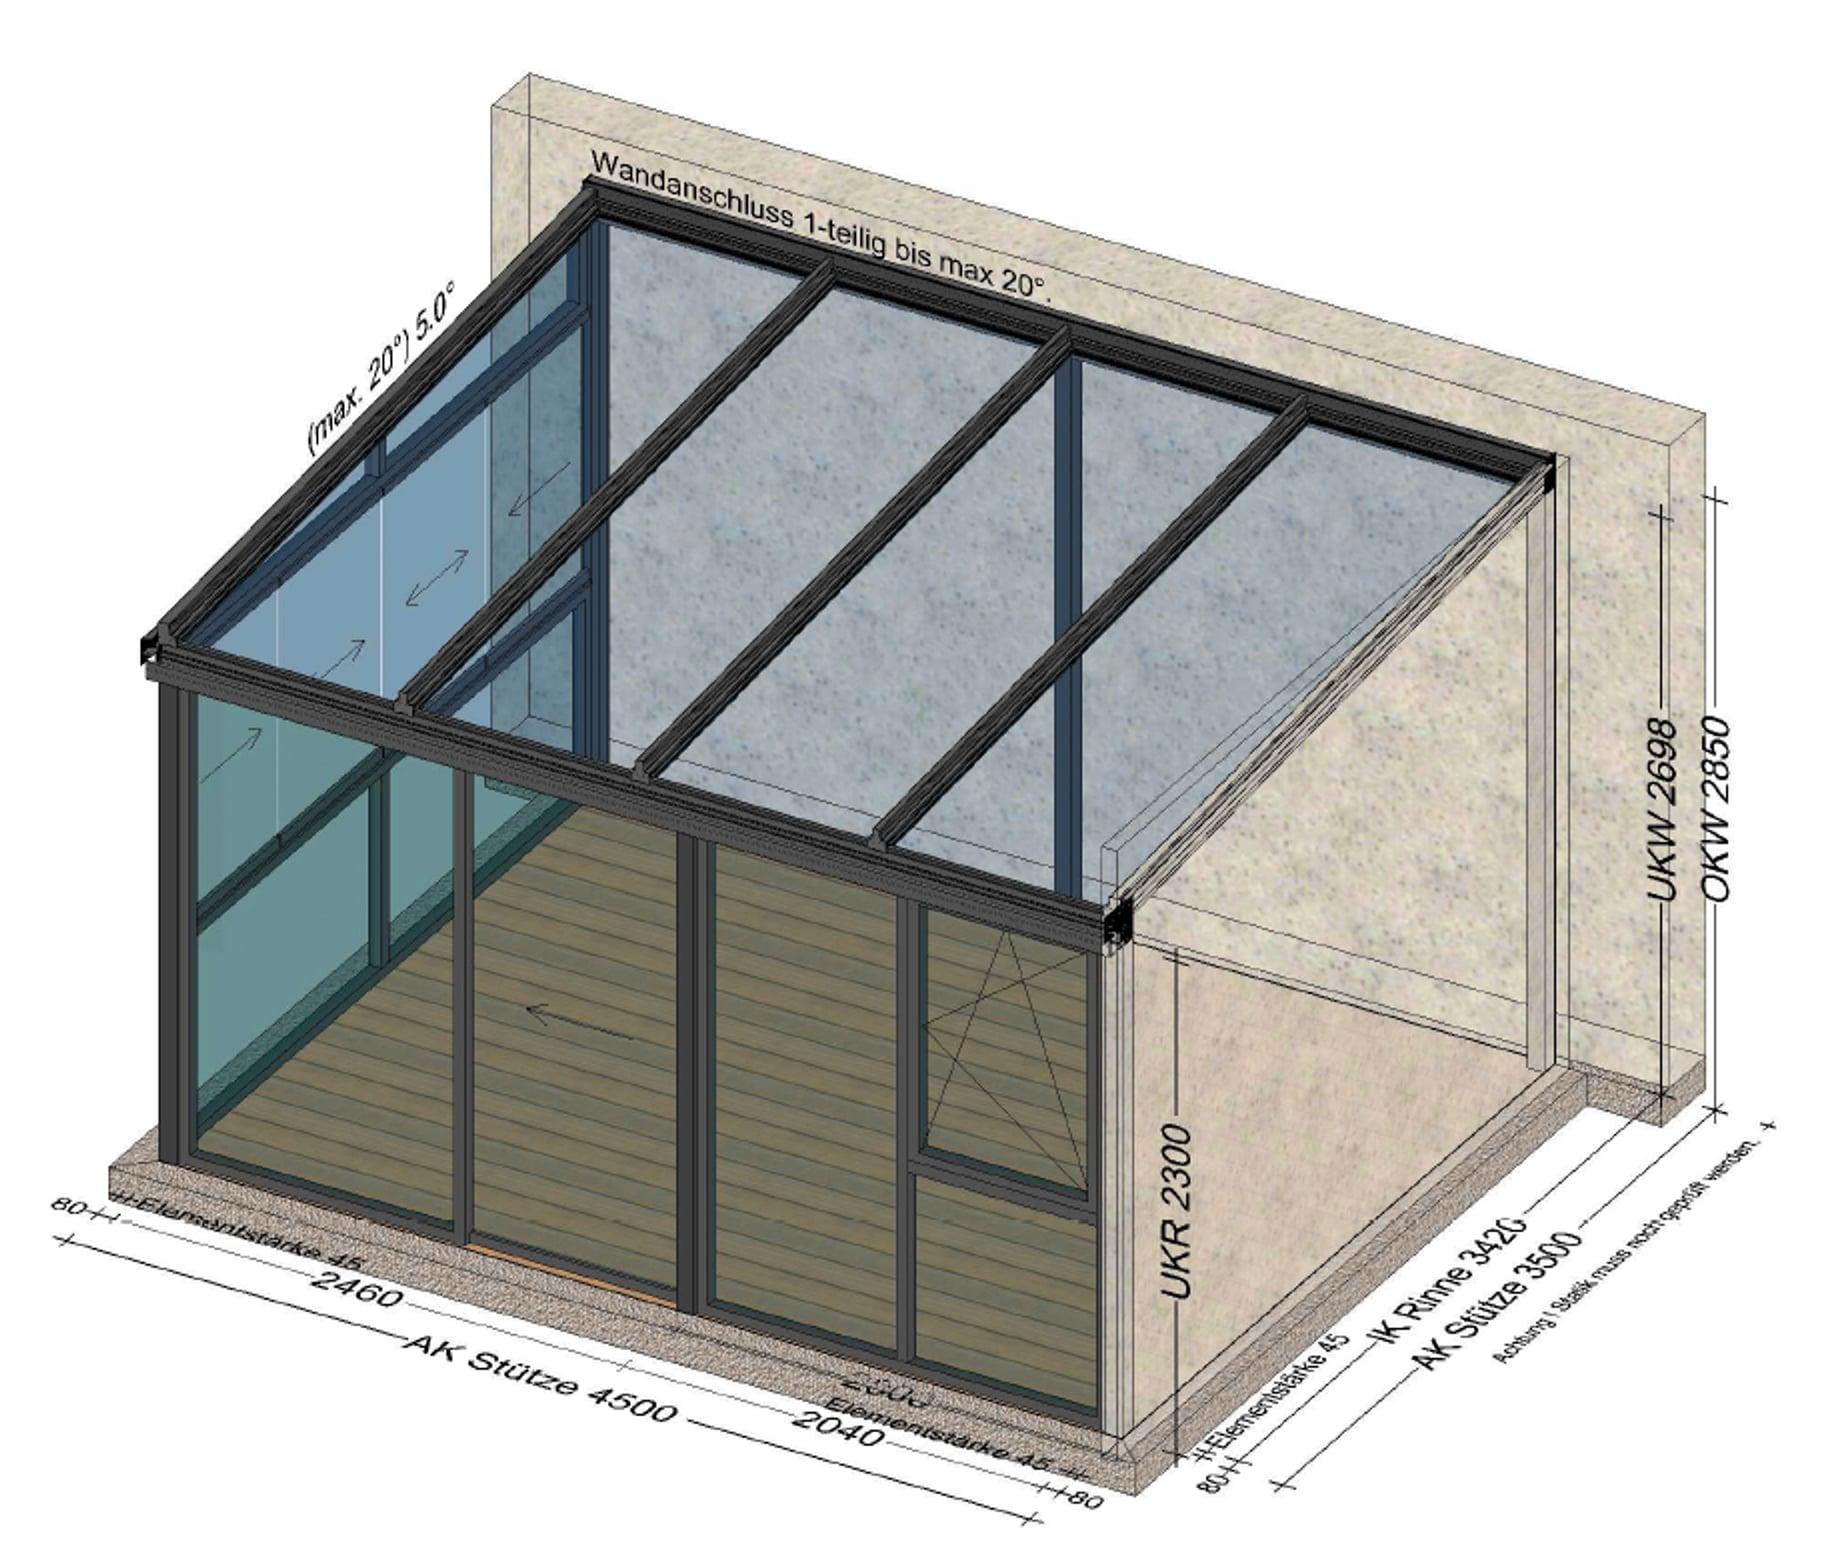 Sommergarten 2 seitig mit Glasschiebewänden und Fenster - 1 Seite Mauer